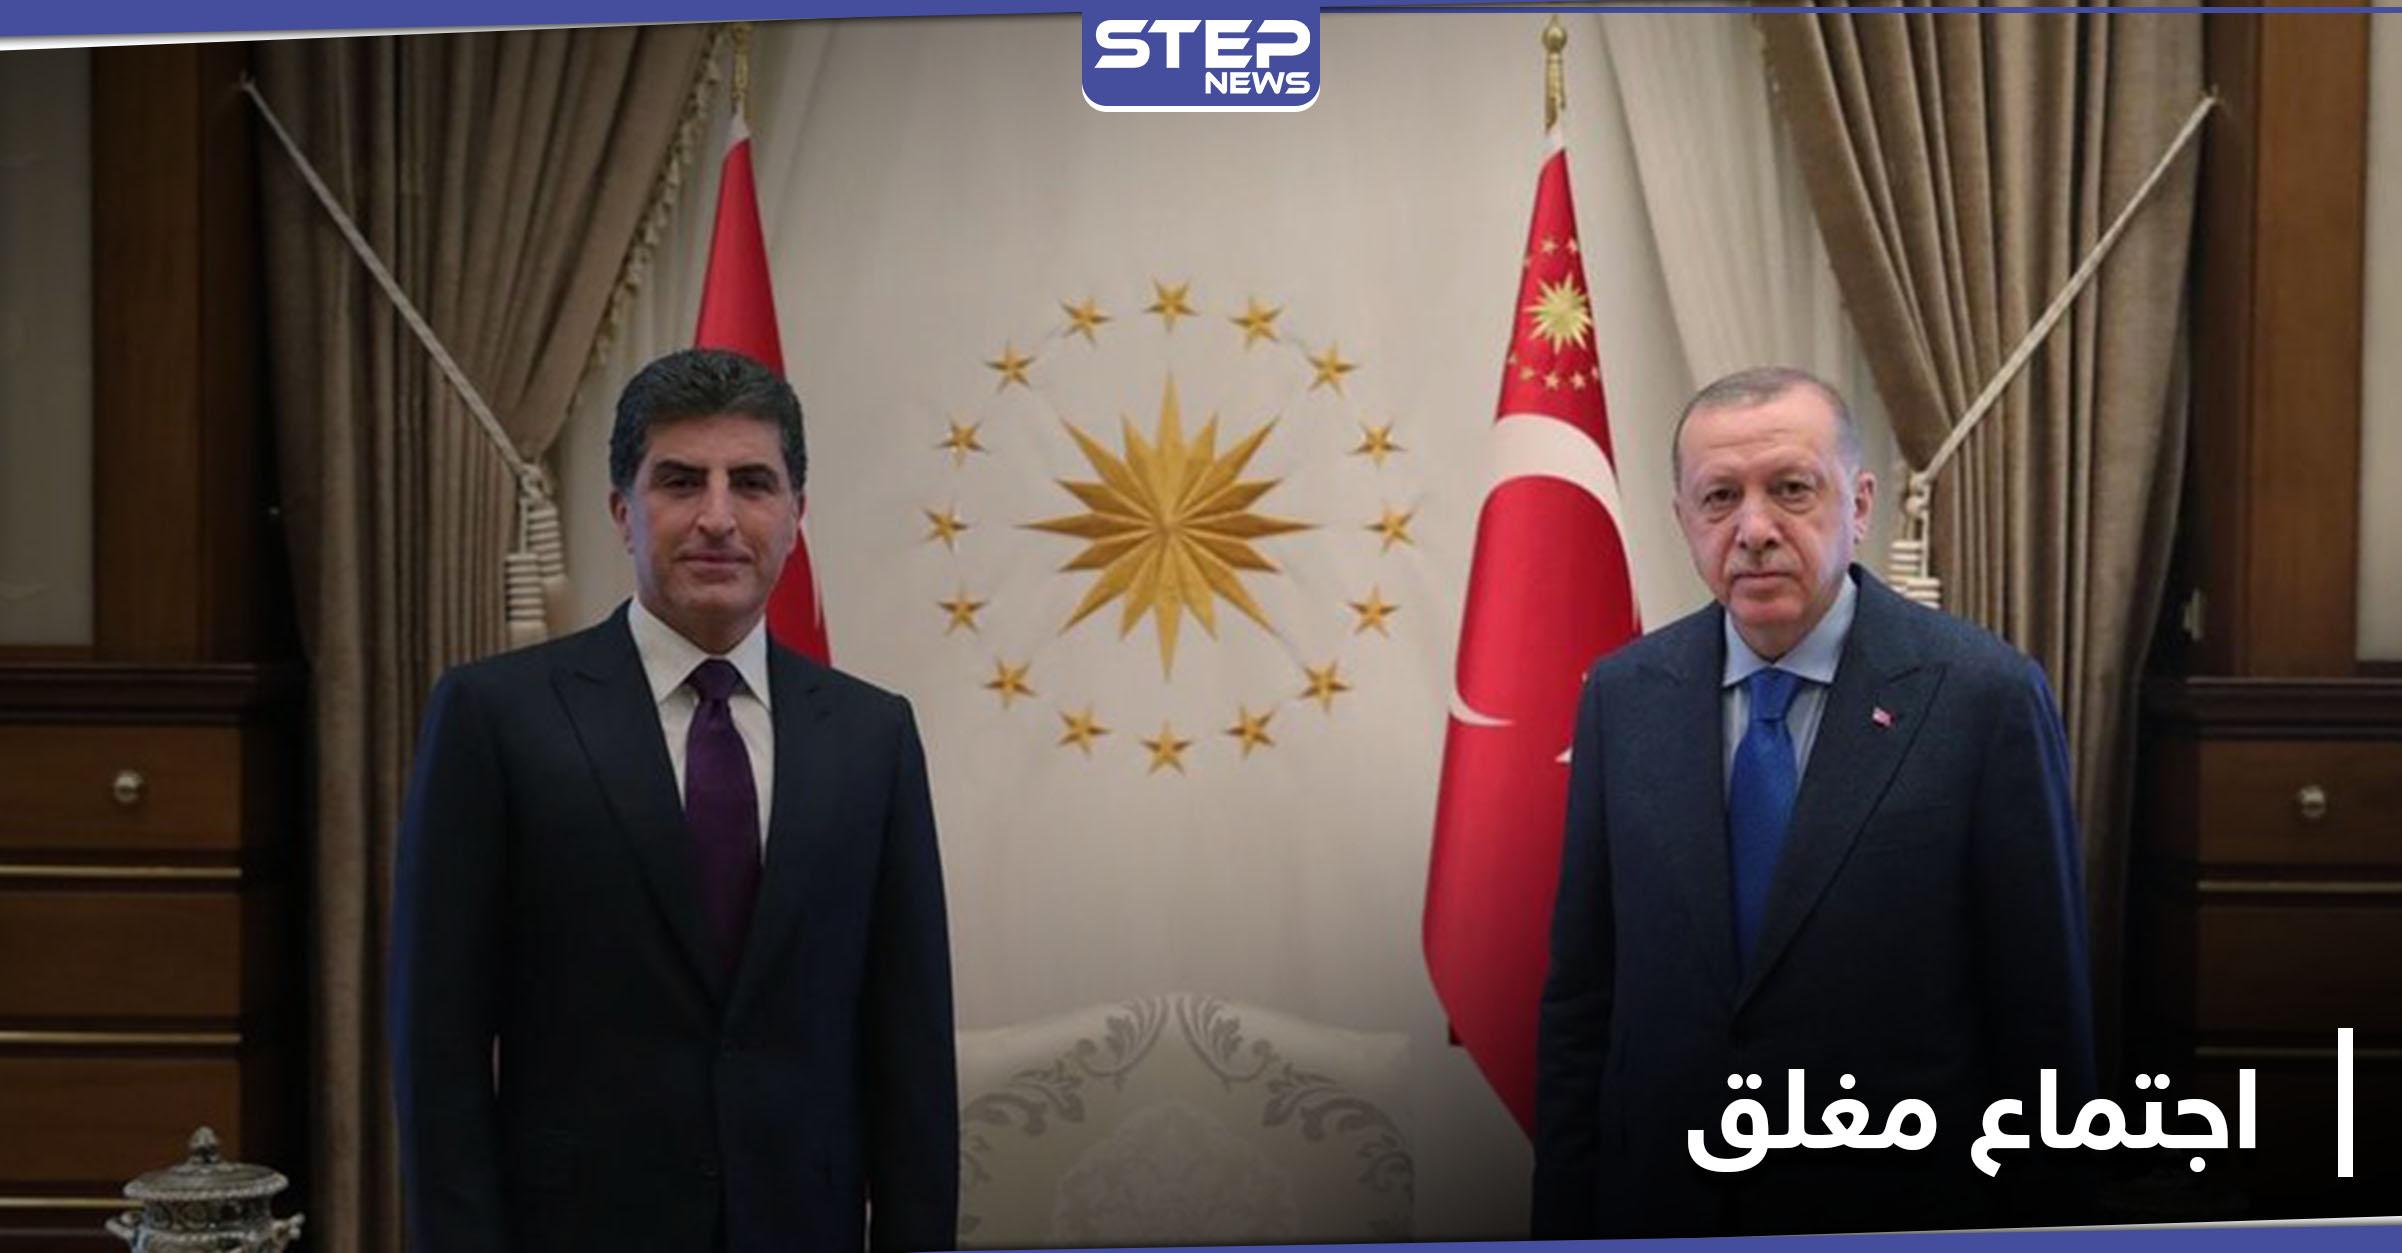 ما الذي تم مناقشته في لقاء أردوغان و البارزاني في أنقرة